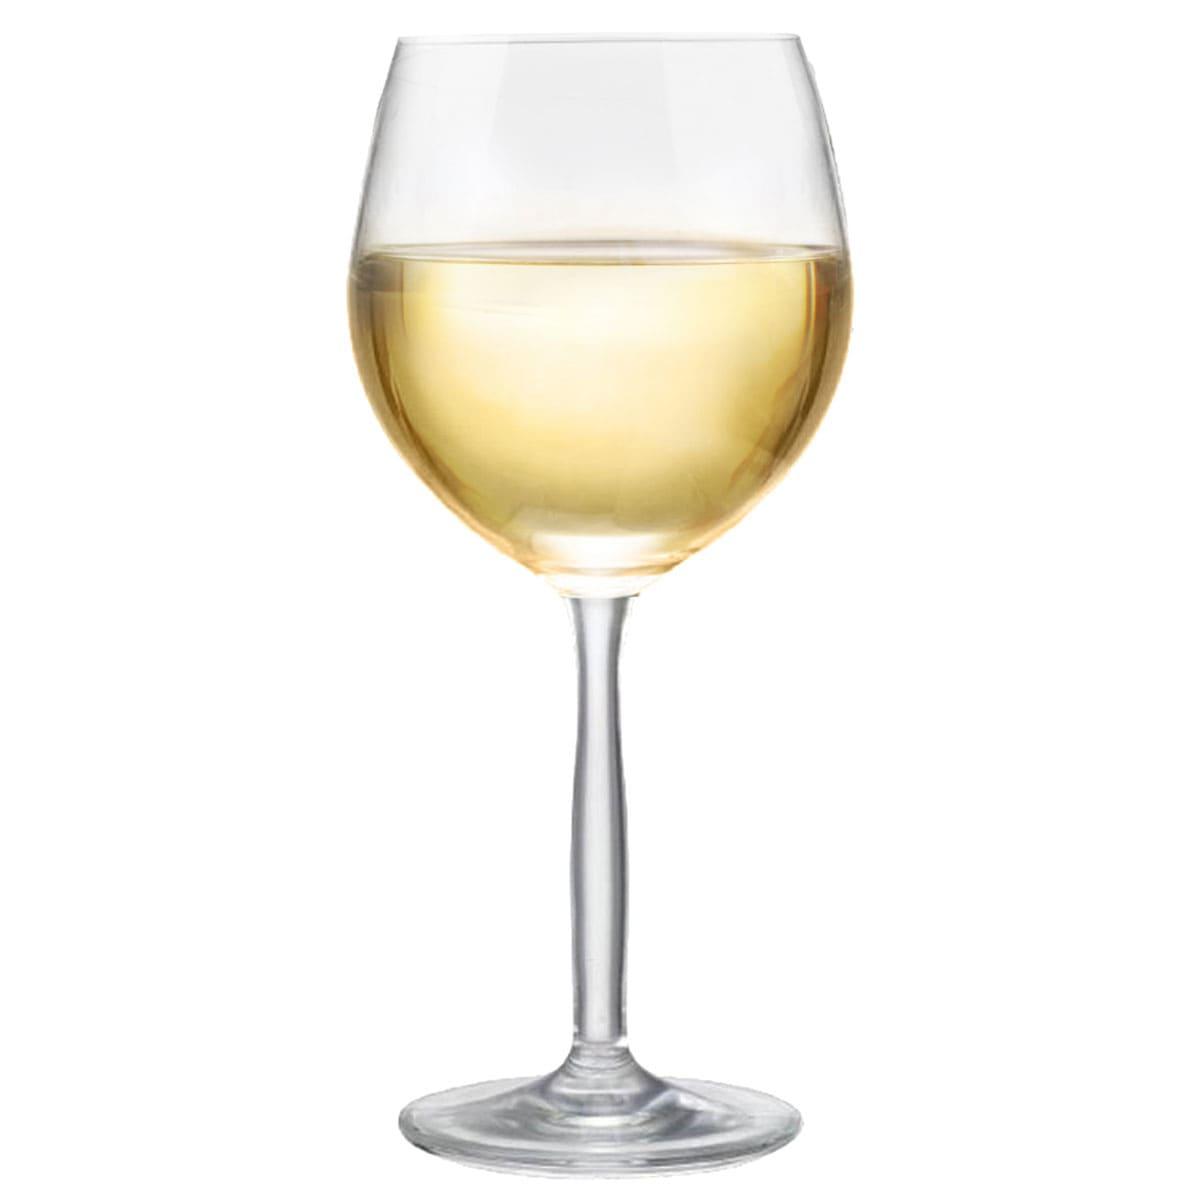 Taça Bordeaux Vinho Branco 380ml (Caixa com 12 unidades)